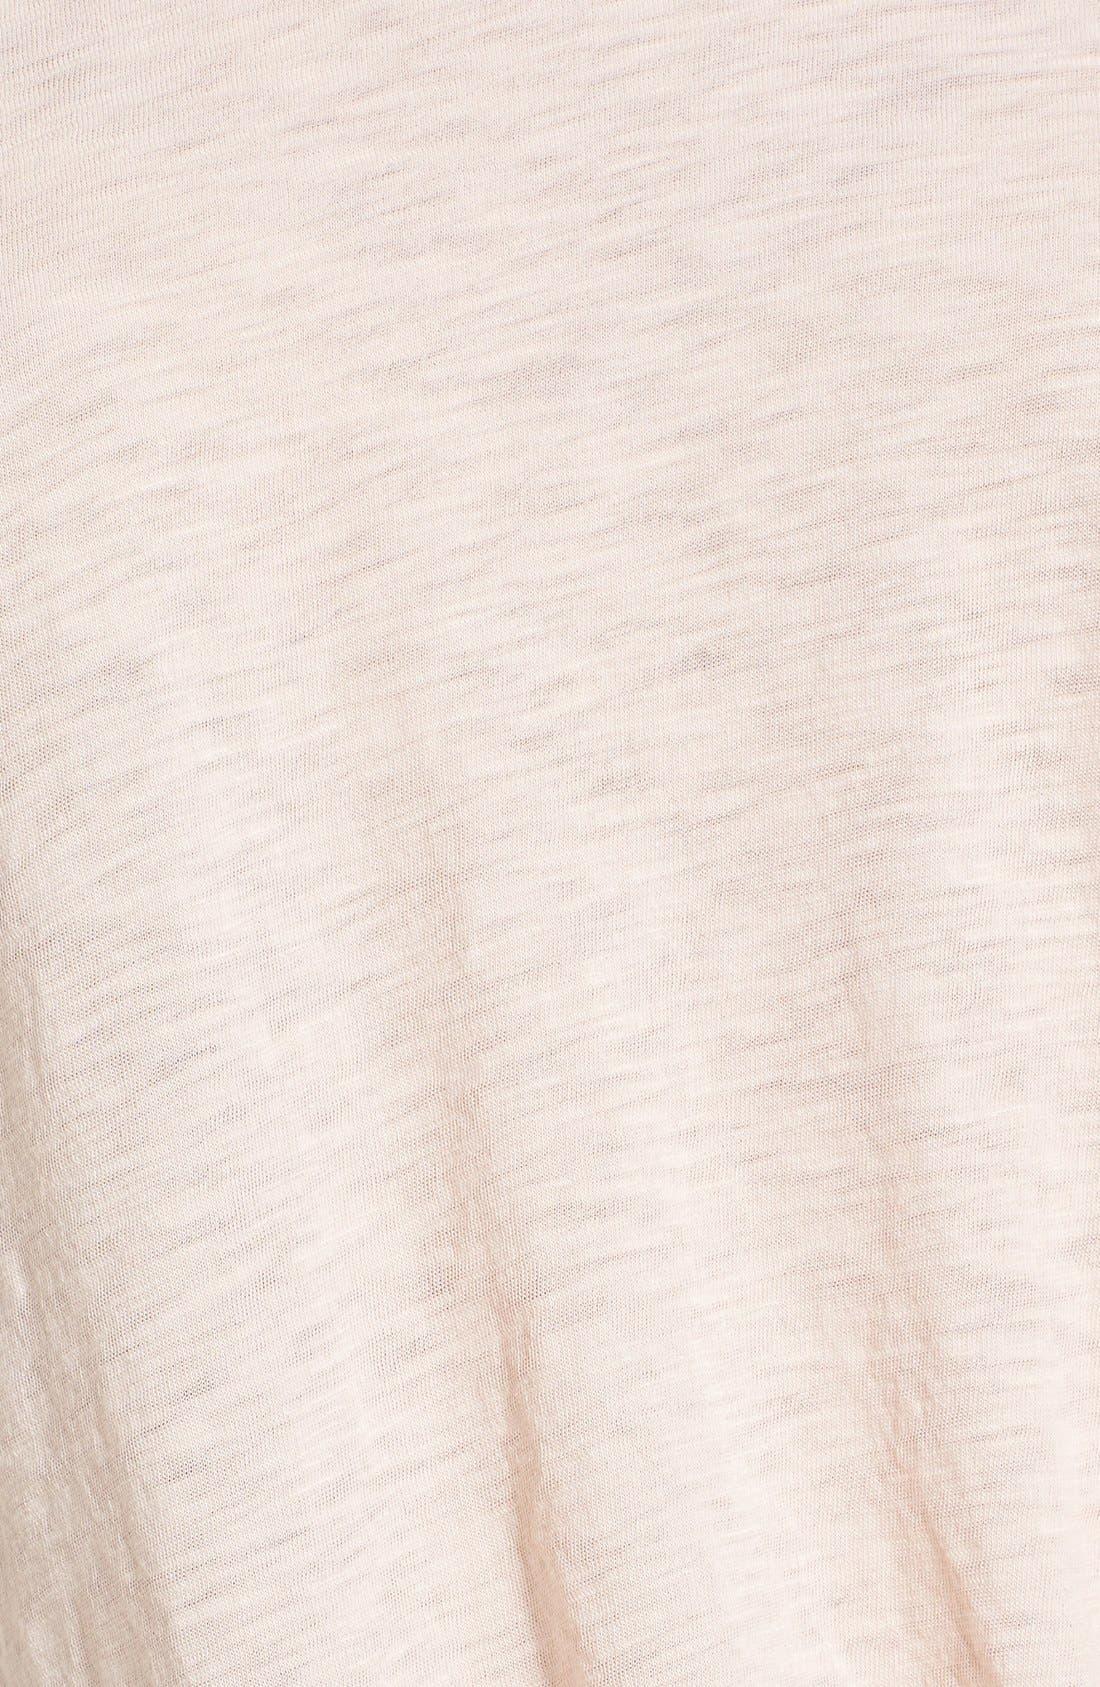 Knot Detail Slub Knit Tee,                             Alternate thumbnail 59, color,